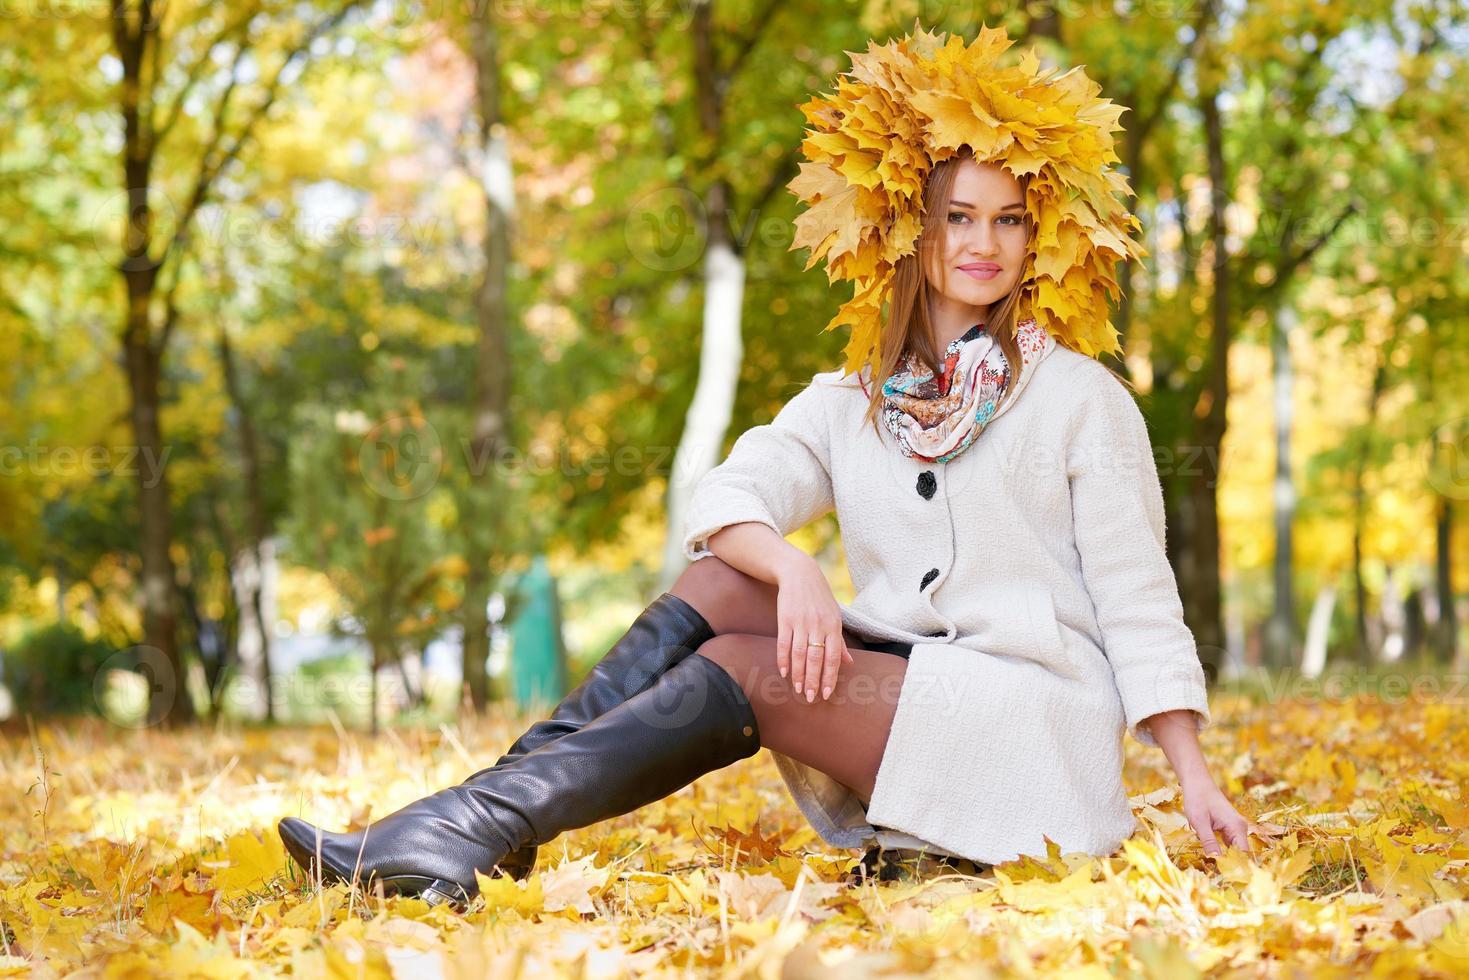 garota sentada nas folhas no outono parque da cidade foto